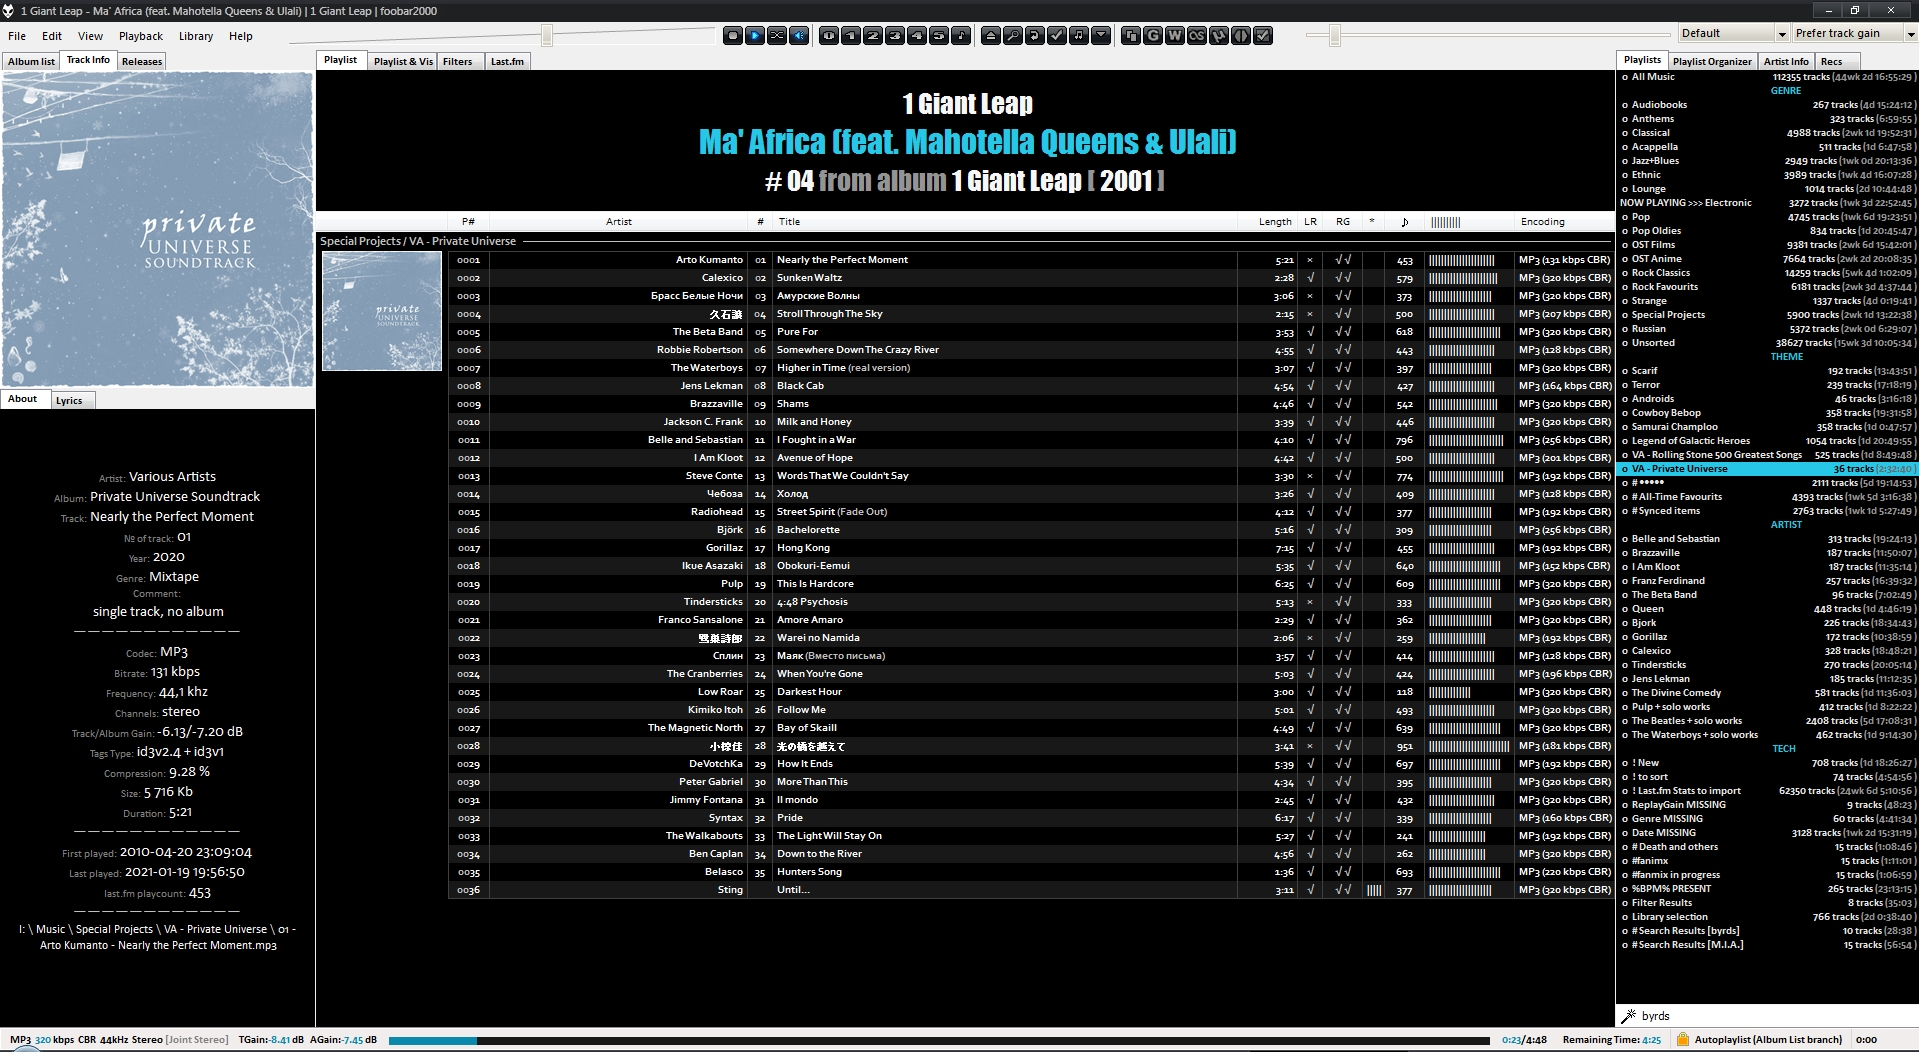 foobar2000 in 2021 - VA album playlist